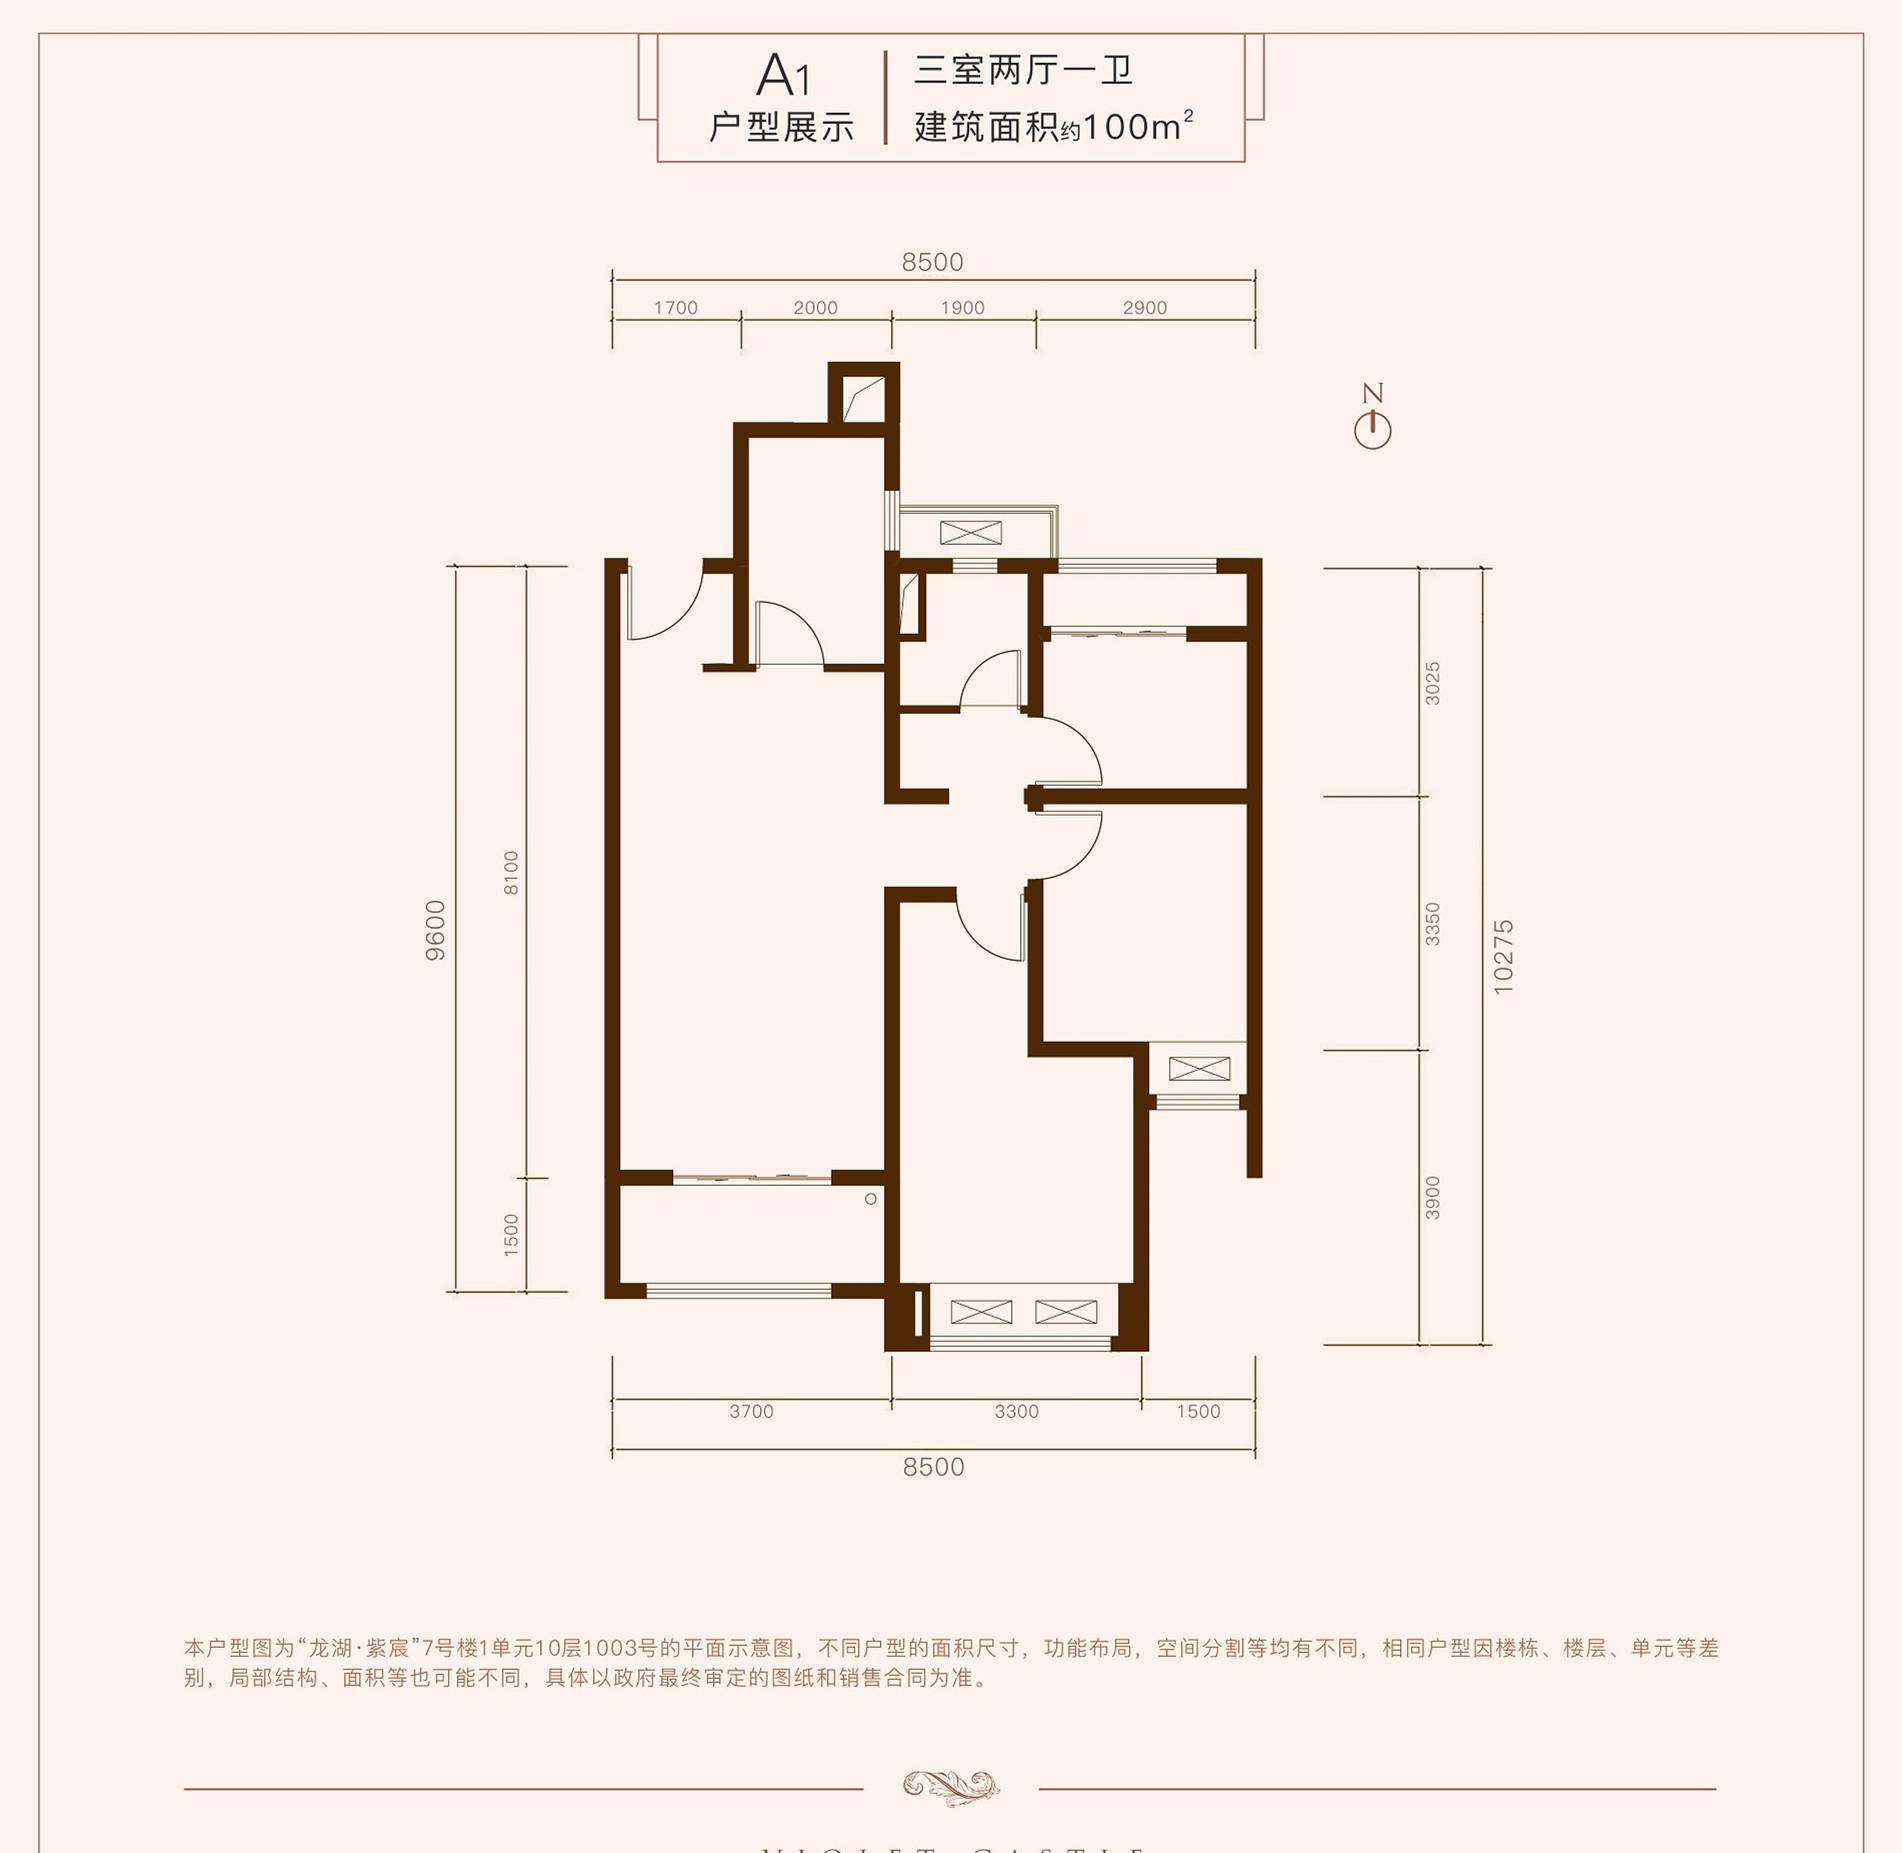 龙湖紫宸100㎡三室两厅一卫A1户型图